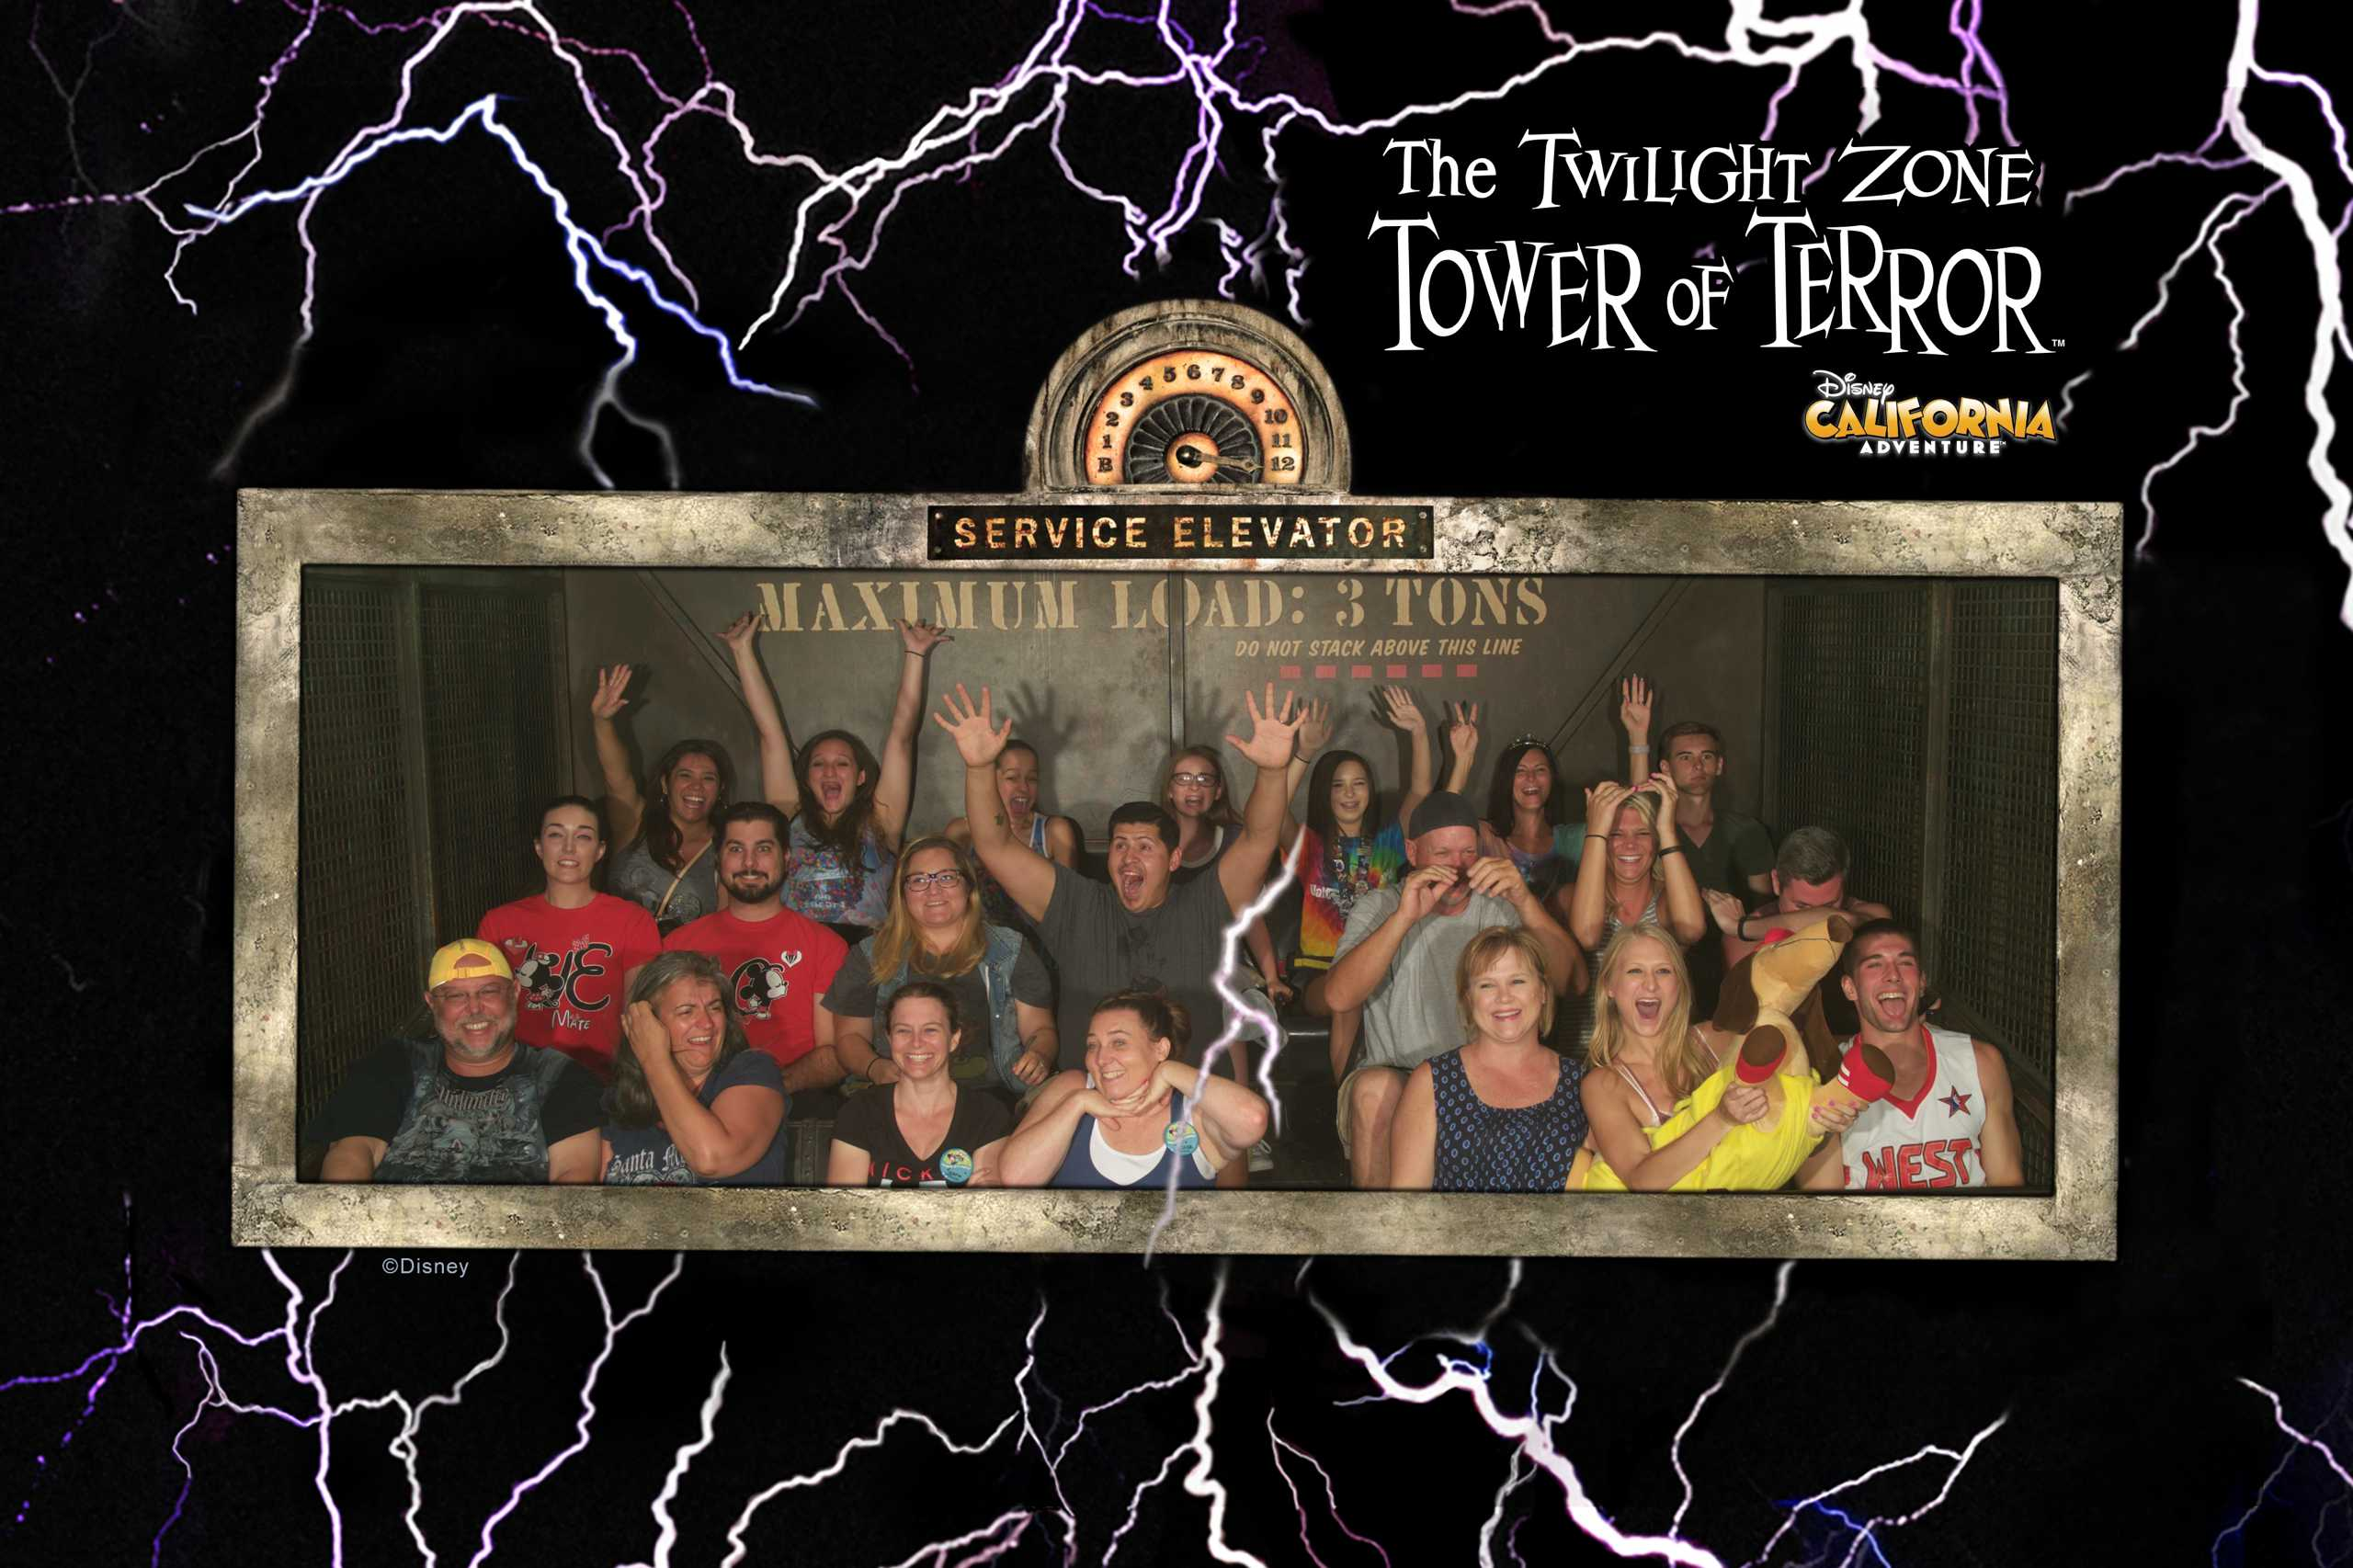 kurz nach der rasanten Abfahrt auf dem Tower of terror